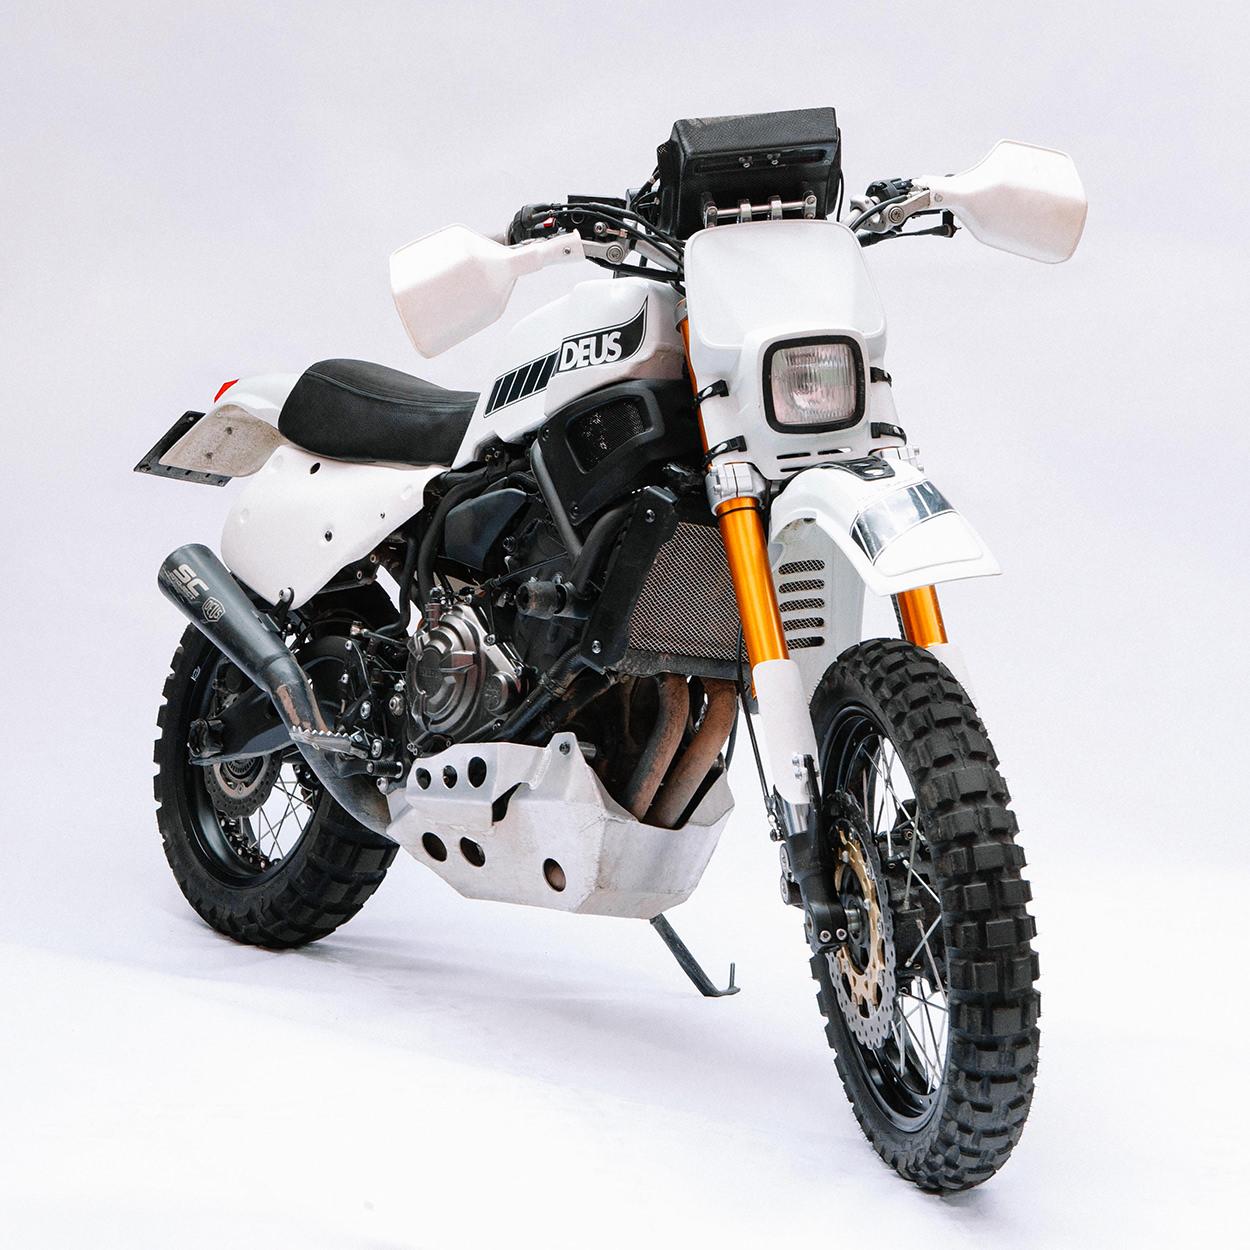 Yamaha XSR700 by Deus ex Machina